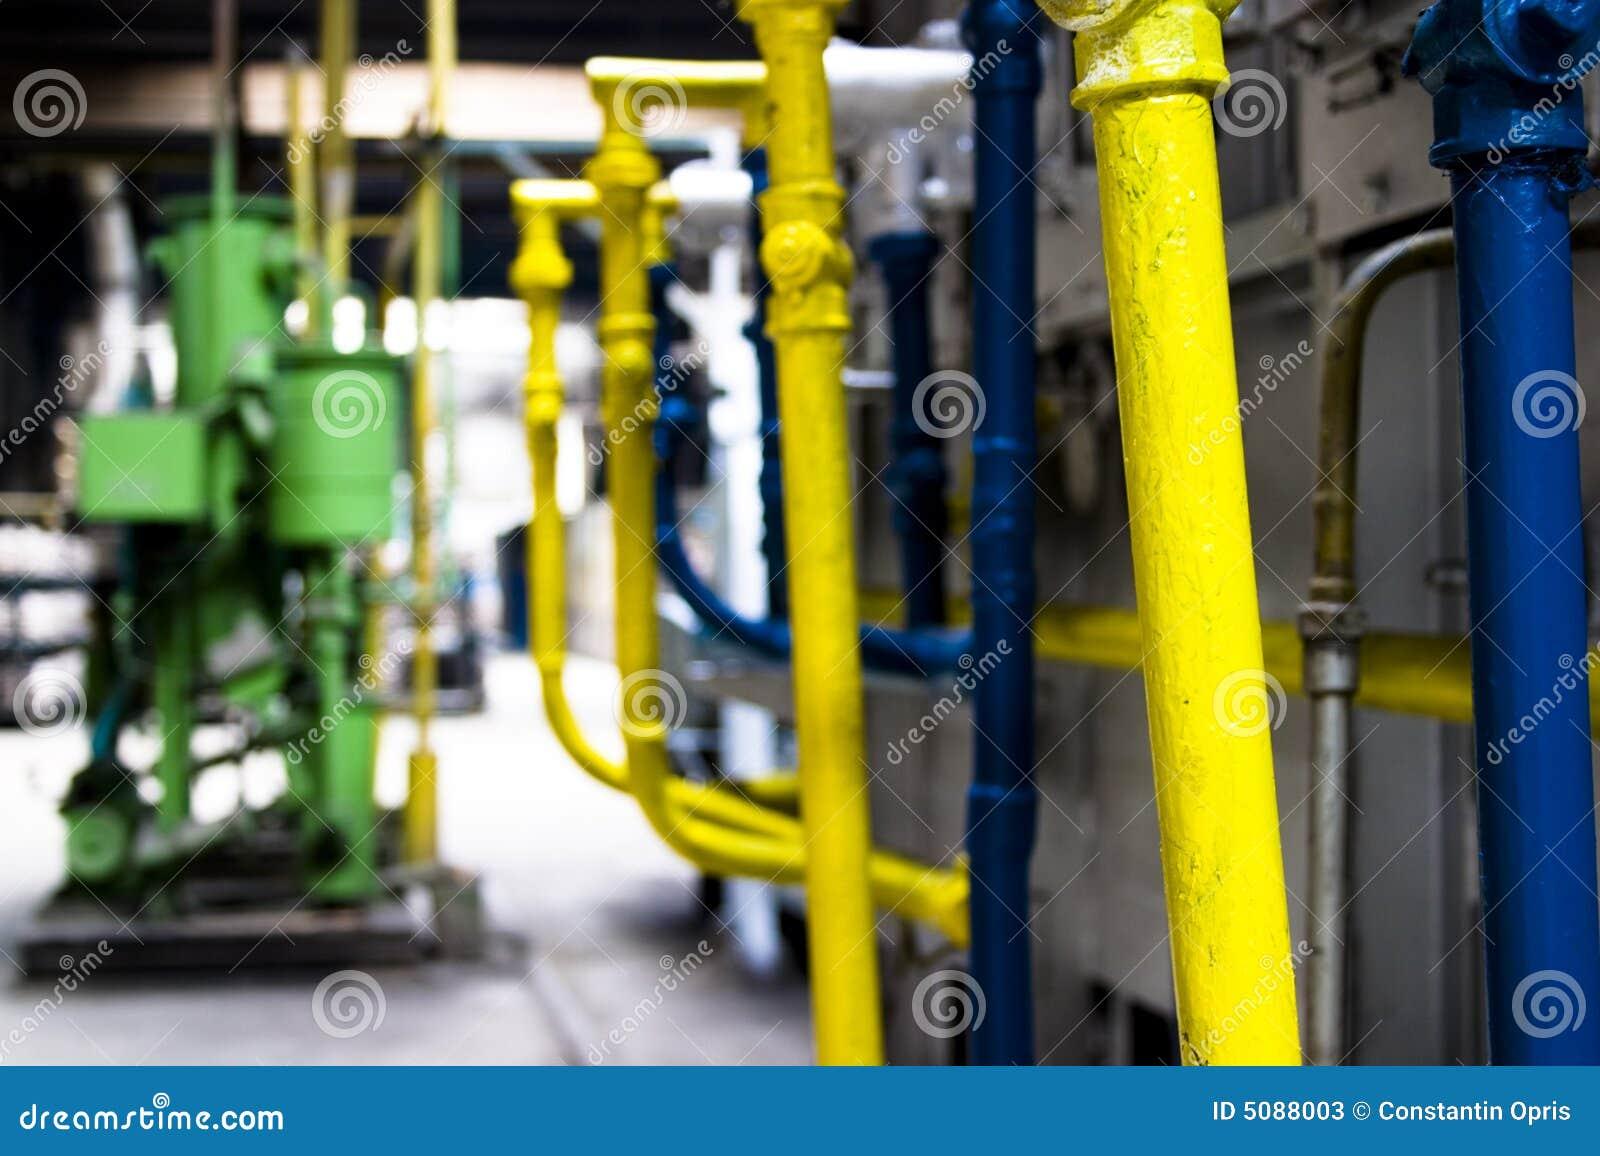 Industriële machines en pijpen